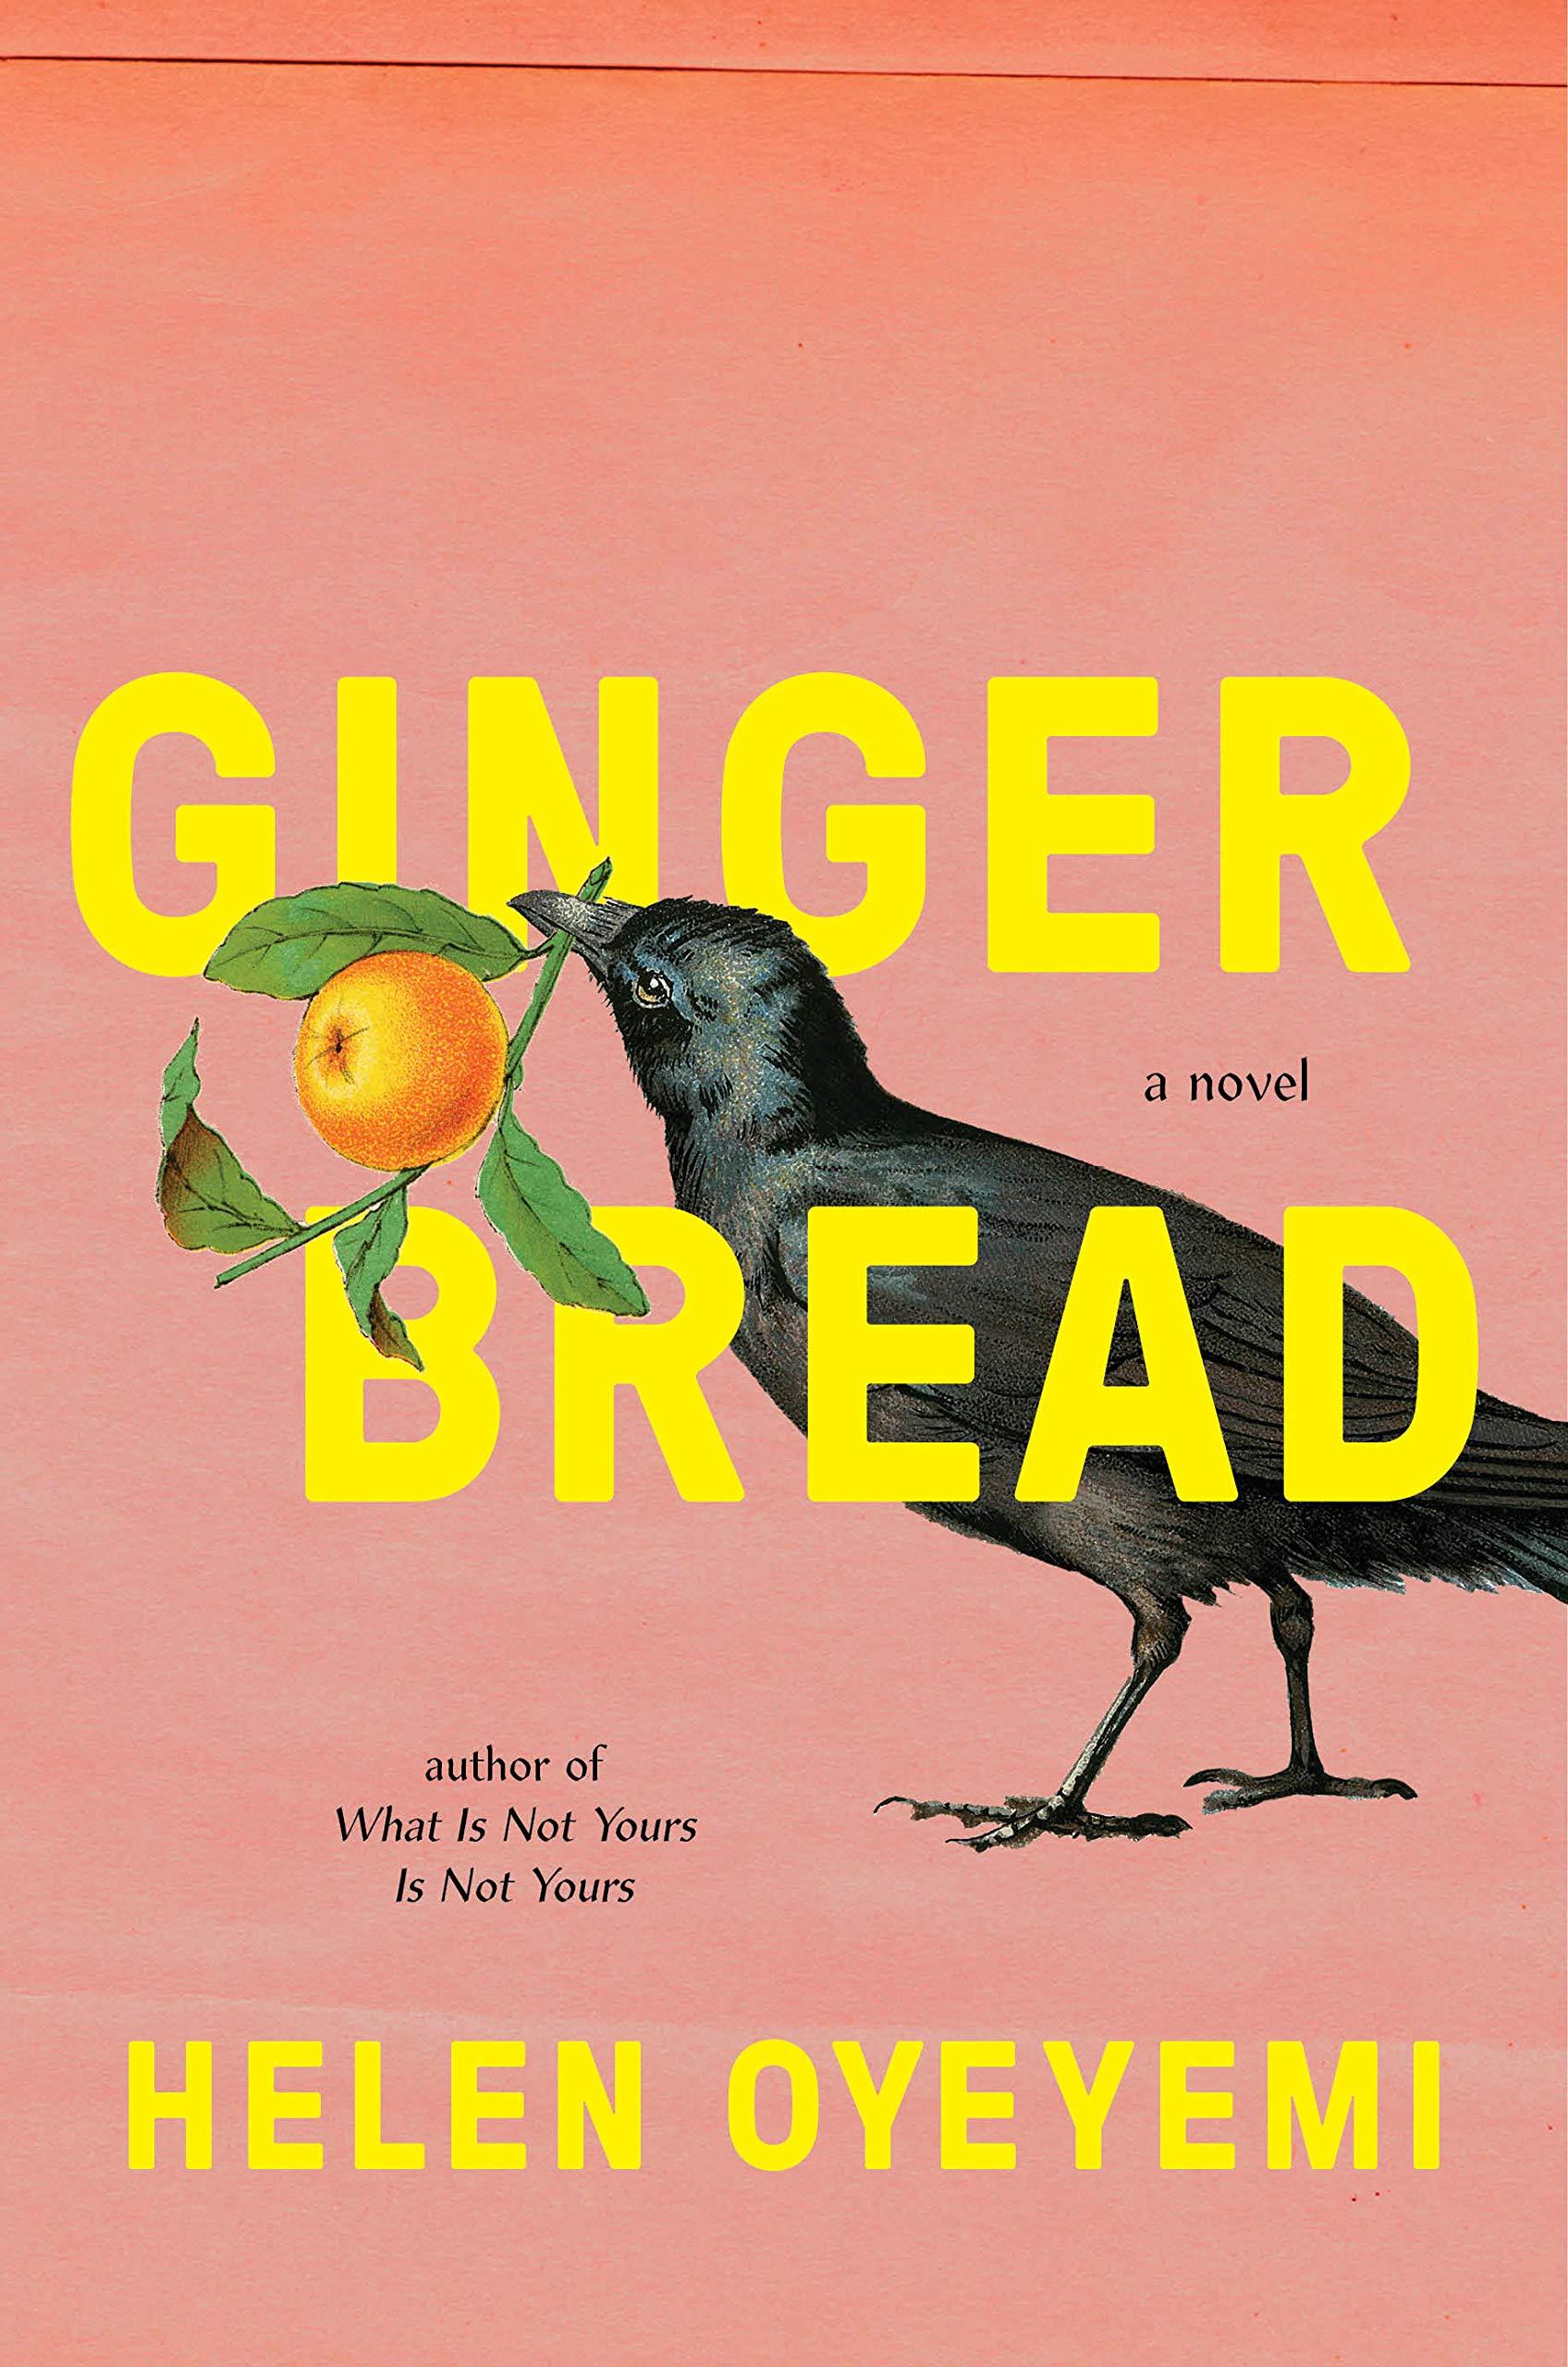 Gingerbread by Helen Oyeyemi